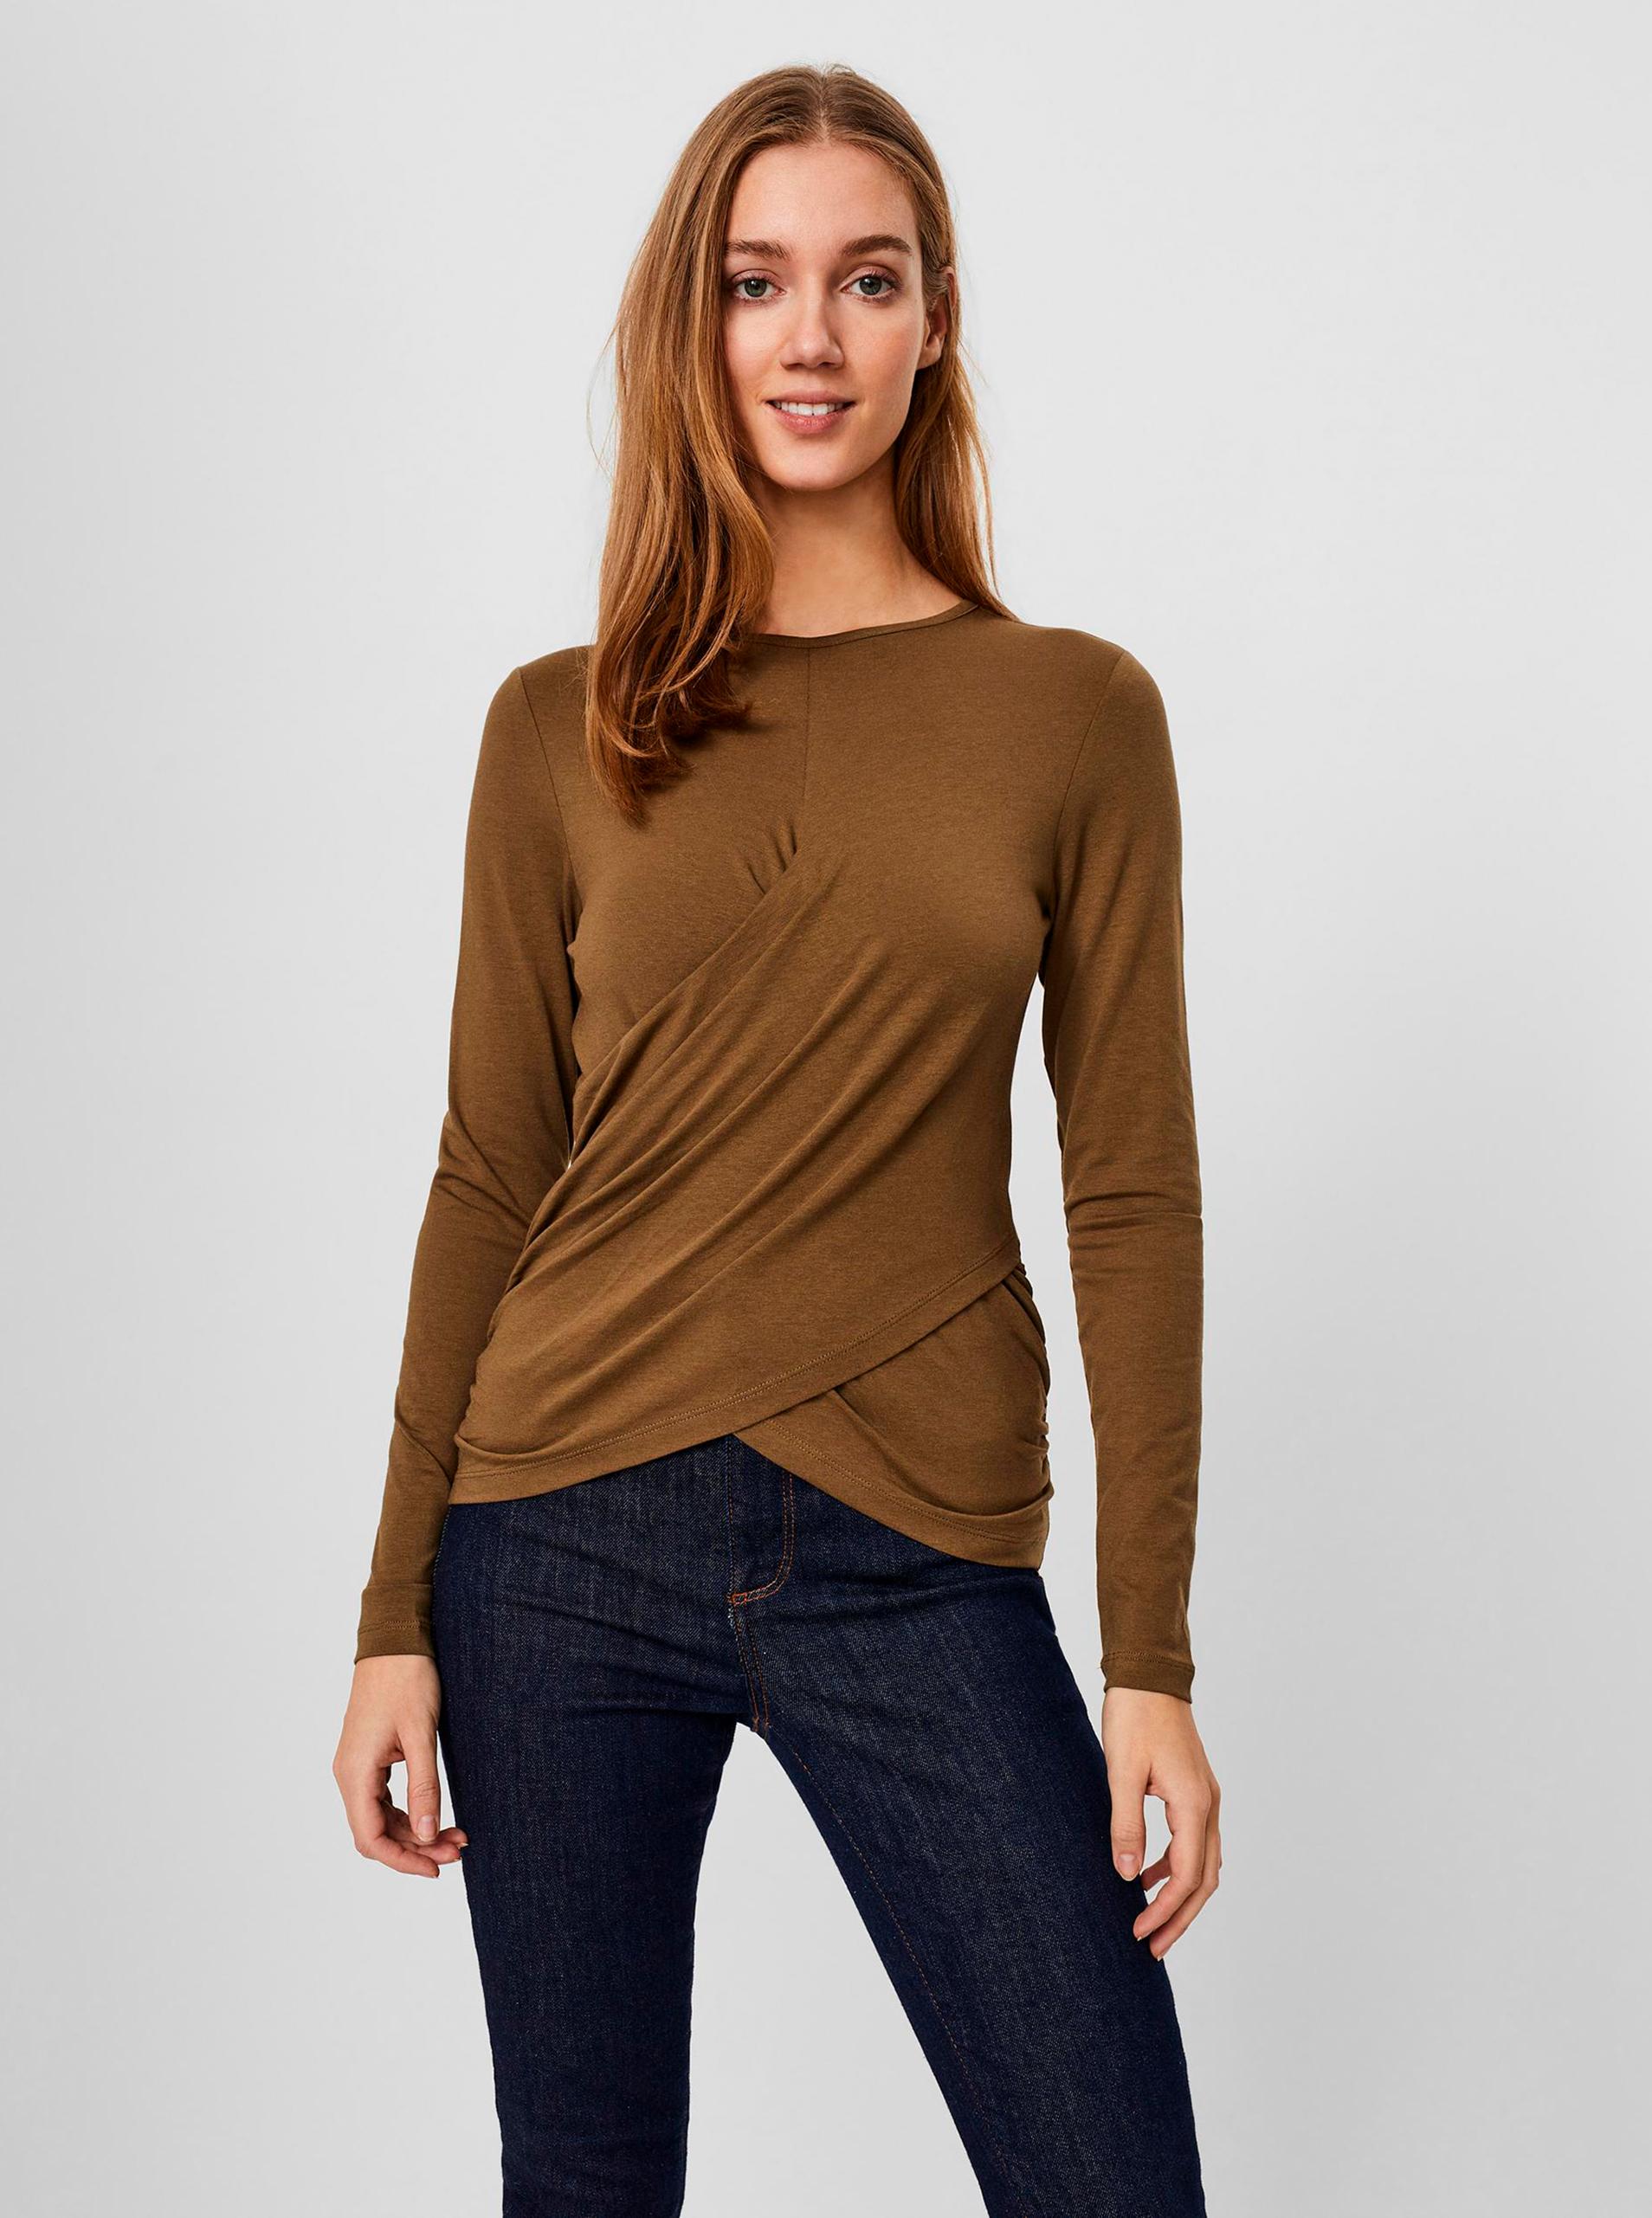 Vero Moda hnědé tričko